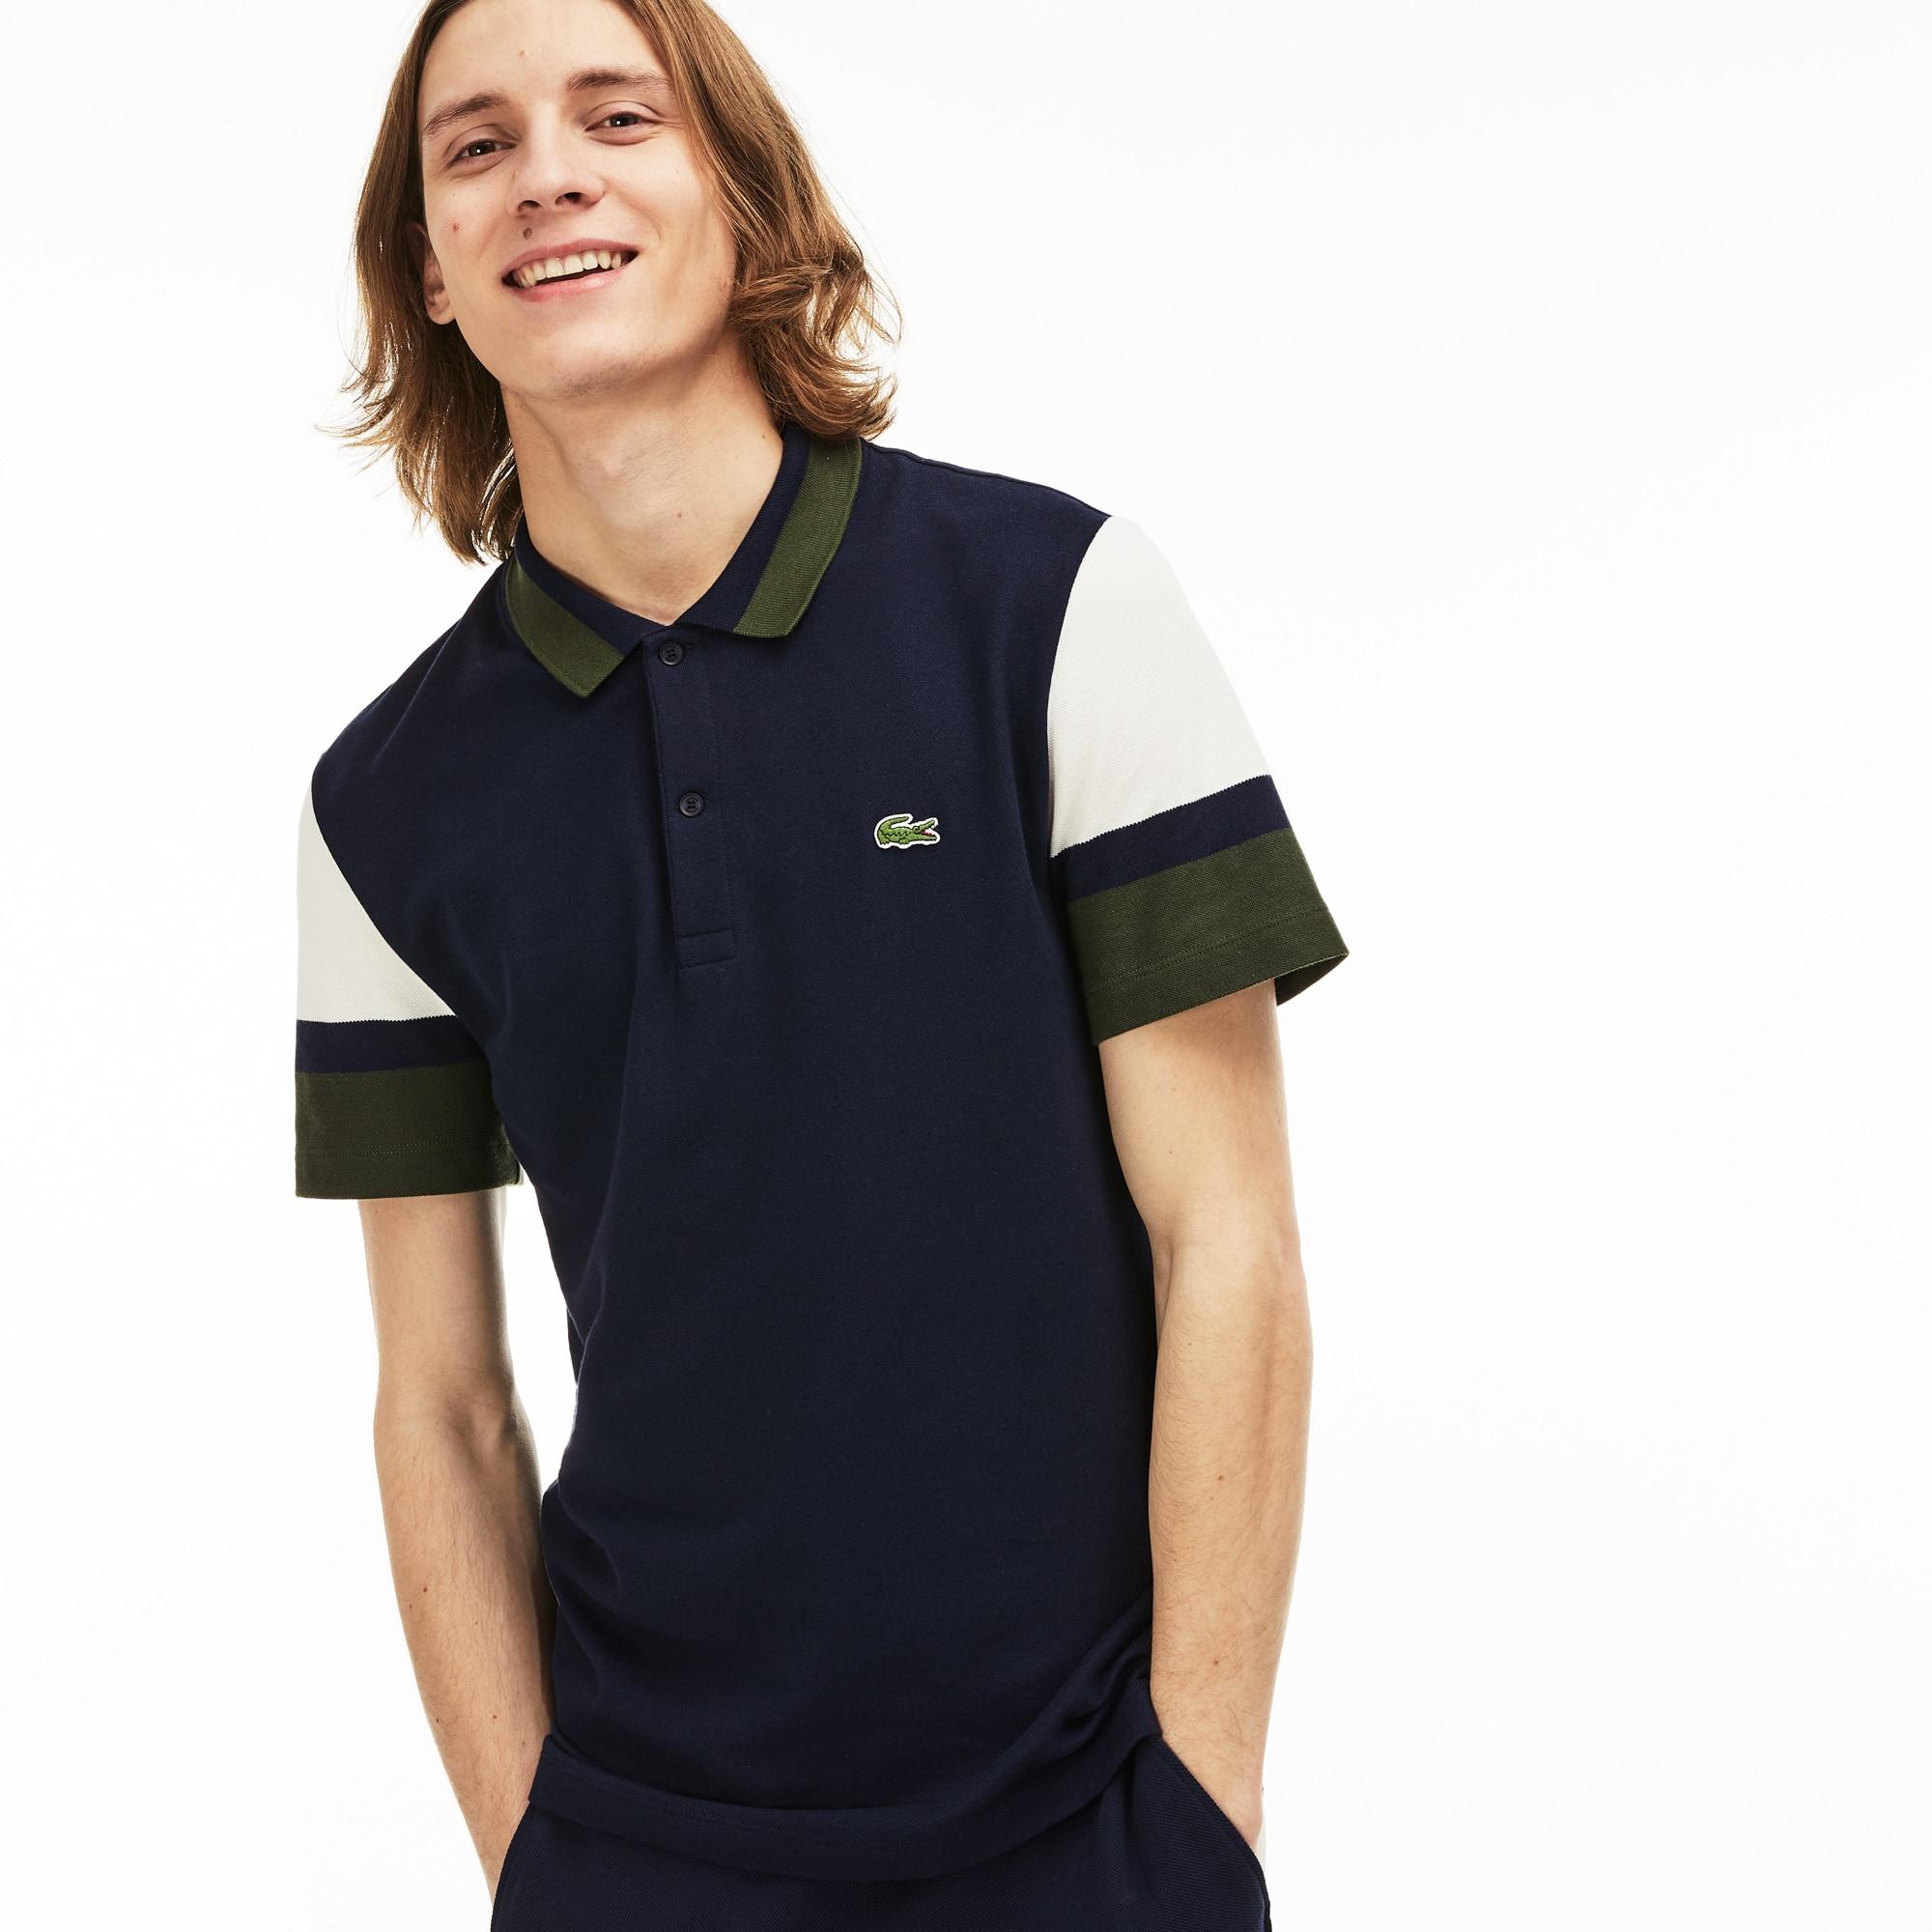 a0bbdfa95c Polo slim fit Lacoste en piqué stretch color block | LACOSTE